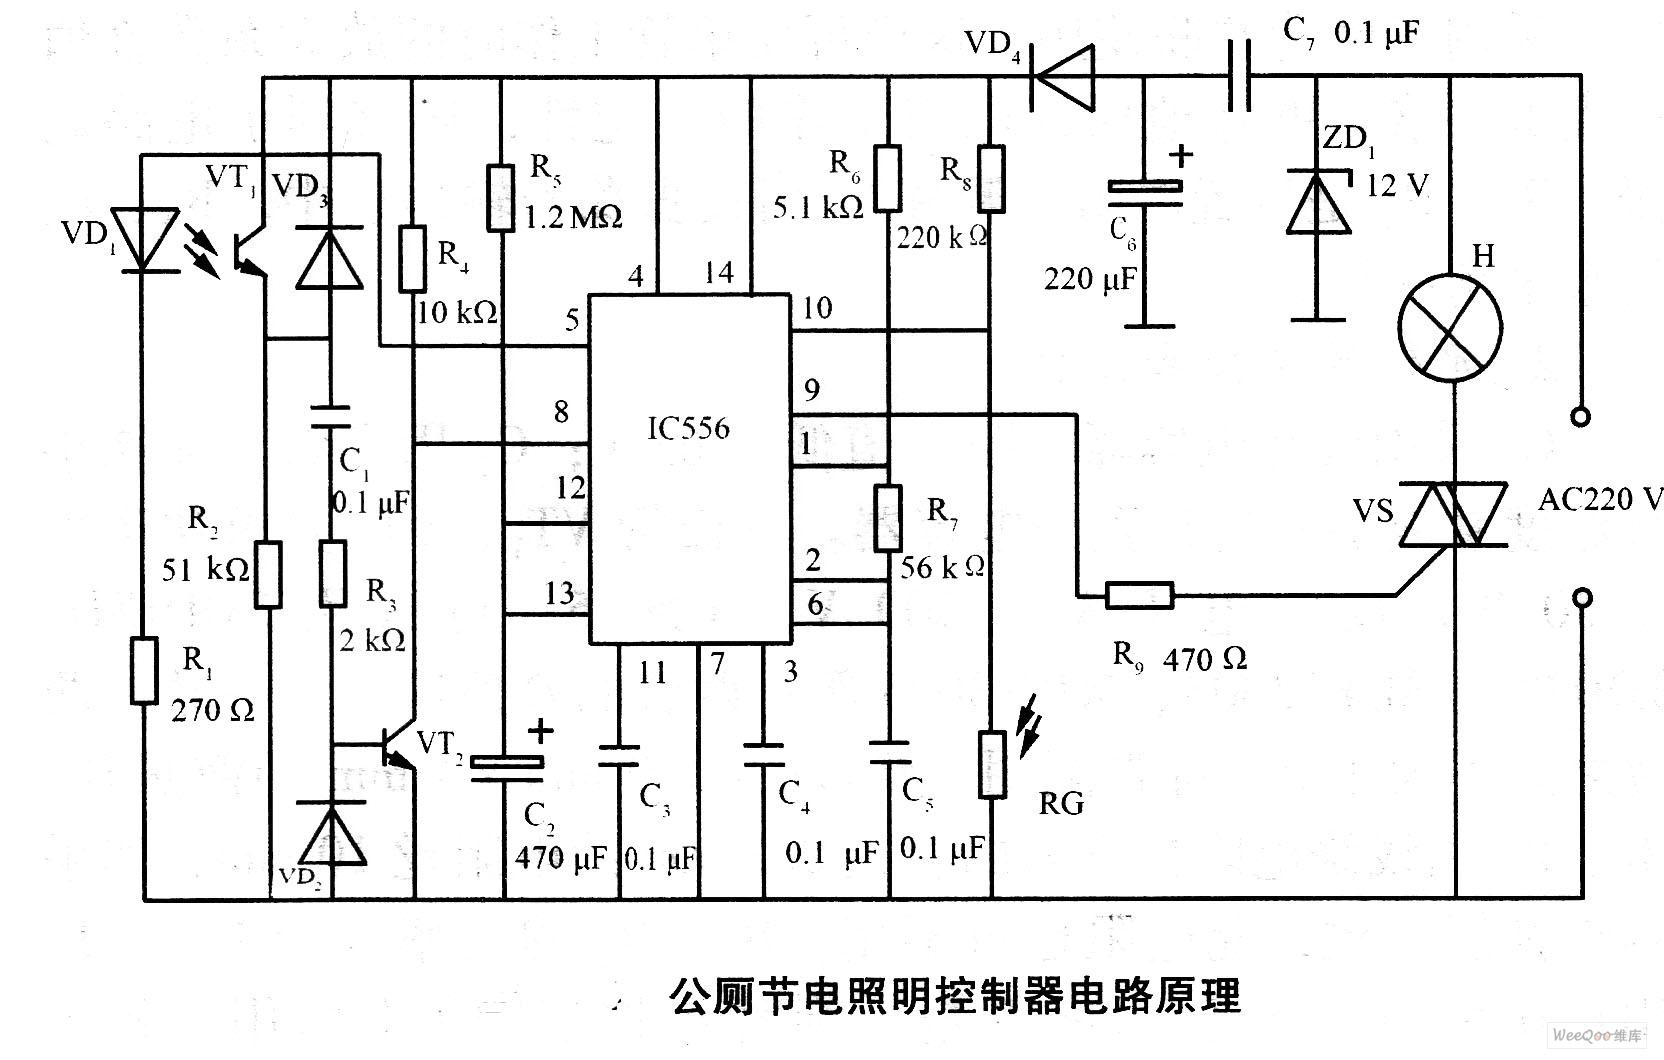 公厕节电照明控制器电路原理图